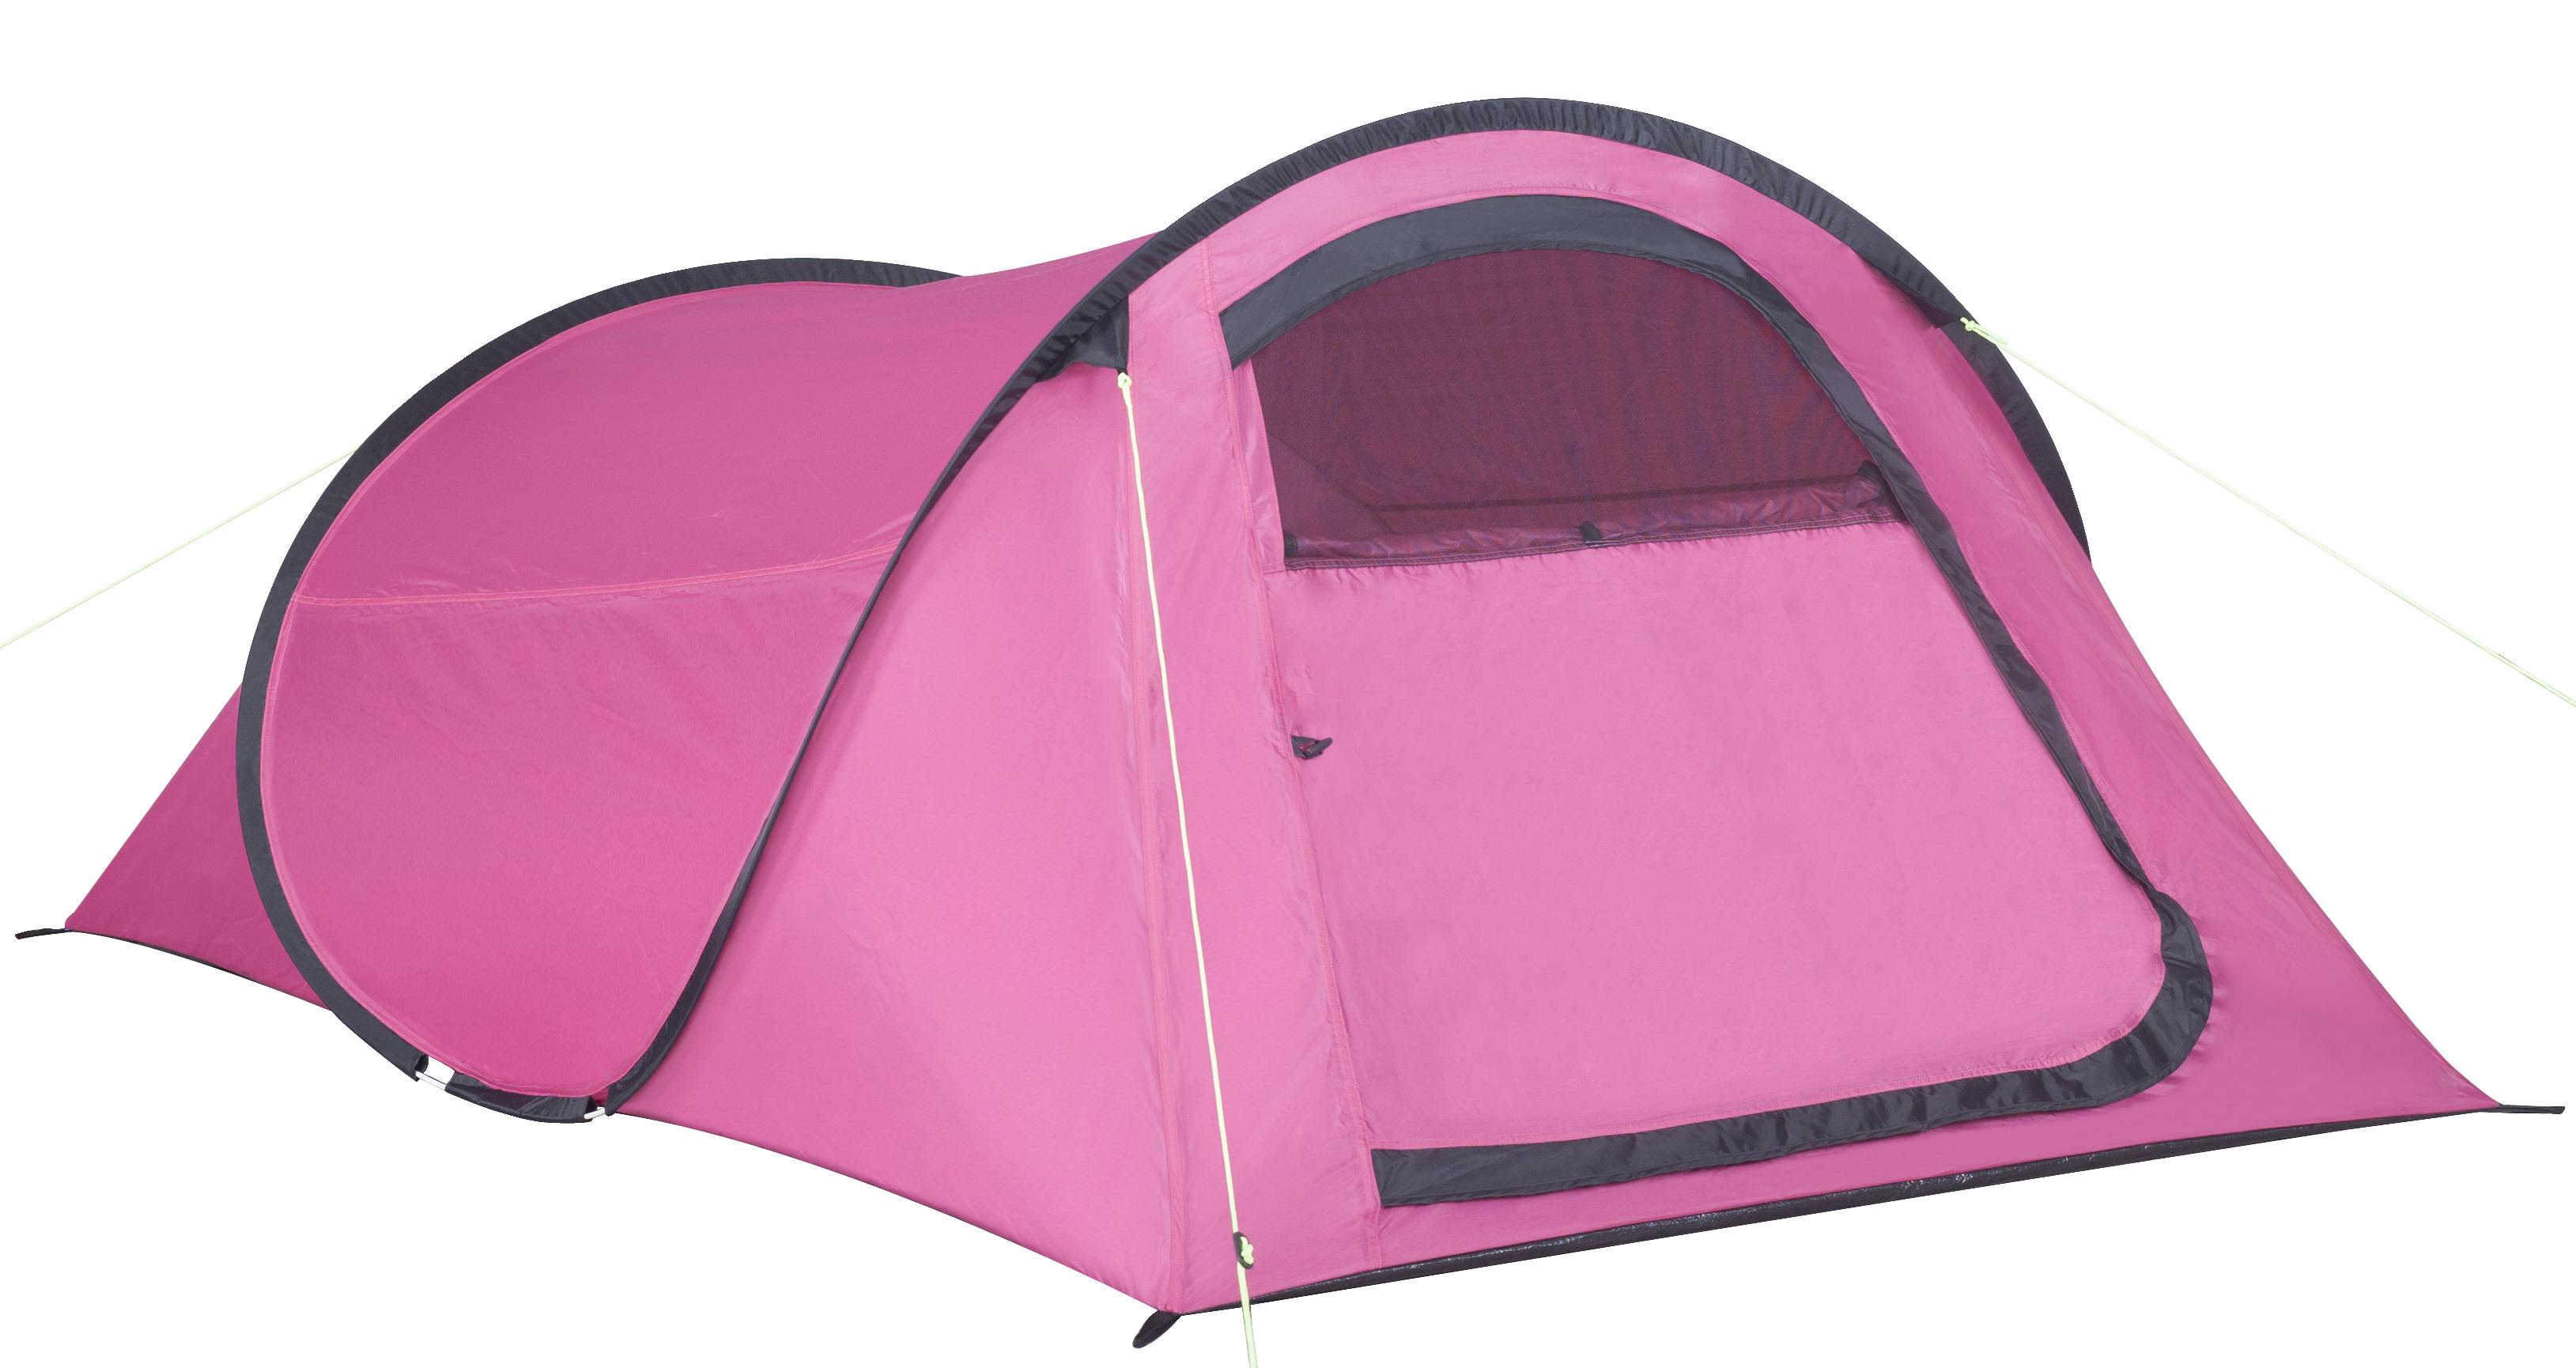 separation shoes e69b4 1b298 Camping Anyone ? Asda Tents maybe - Big Family Organised Chaos